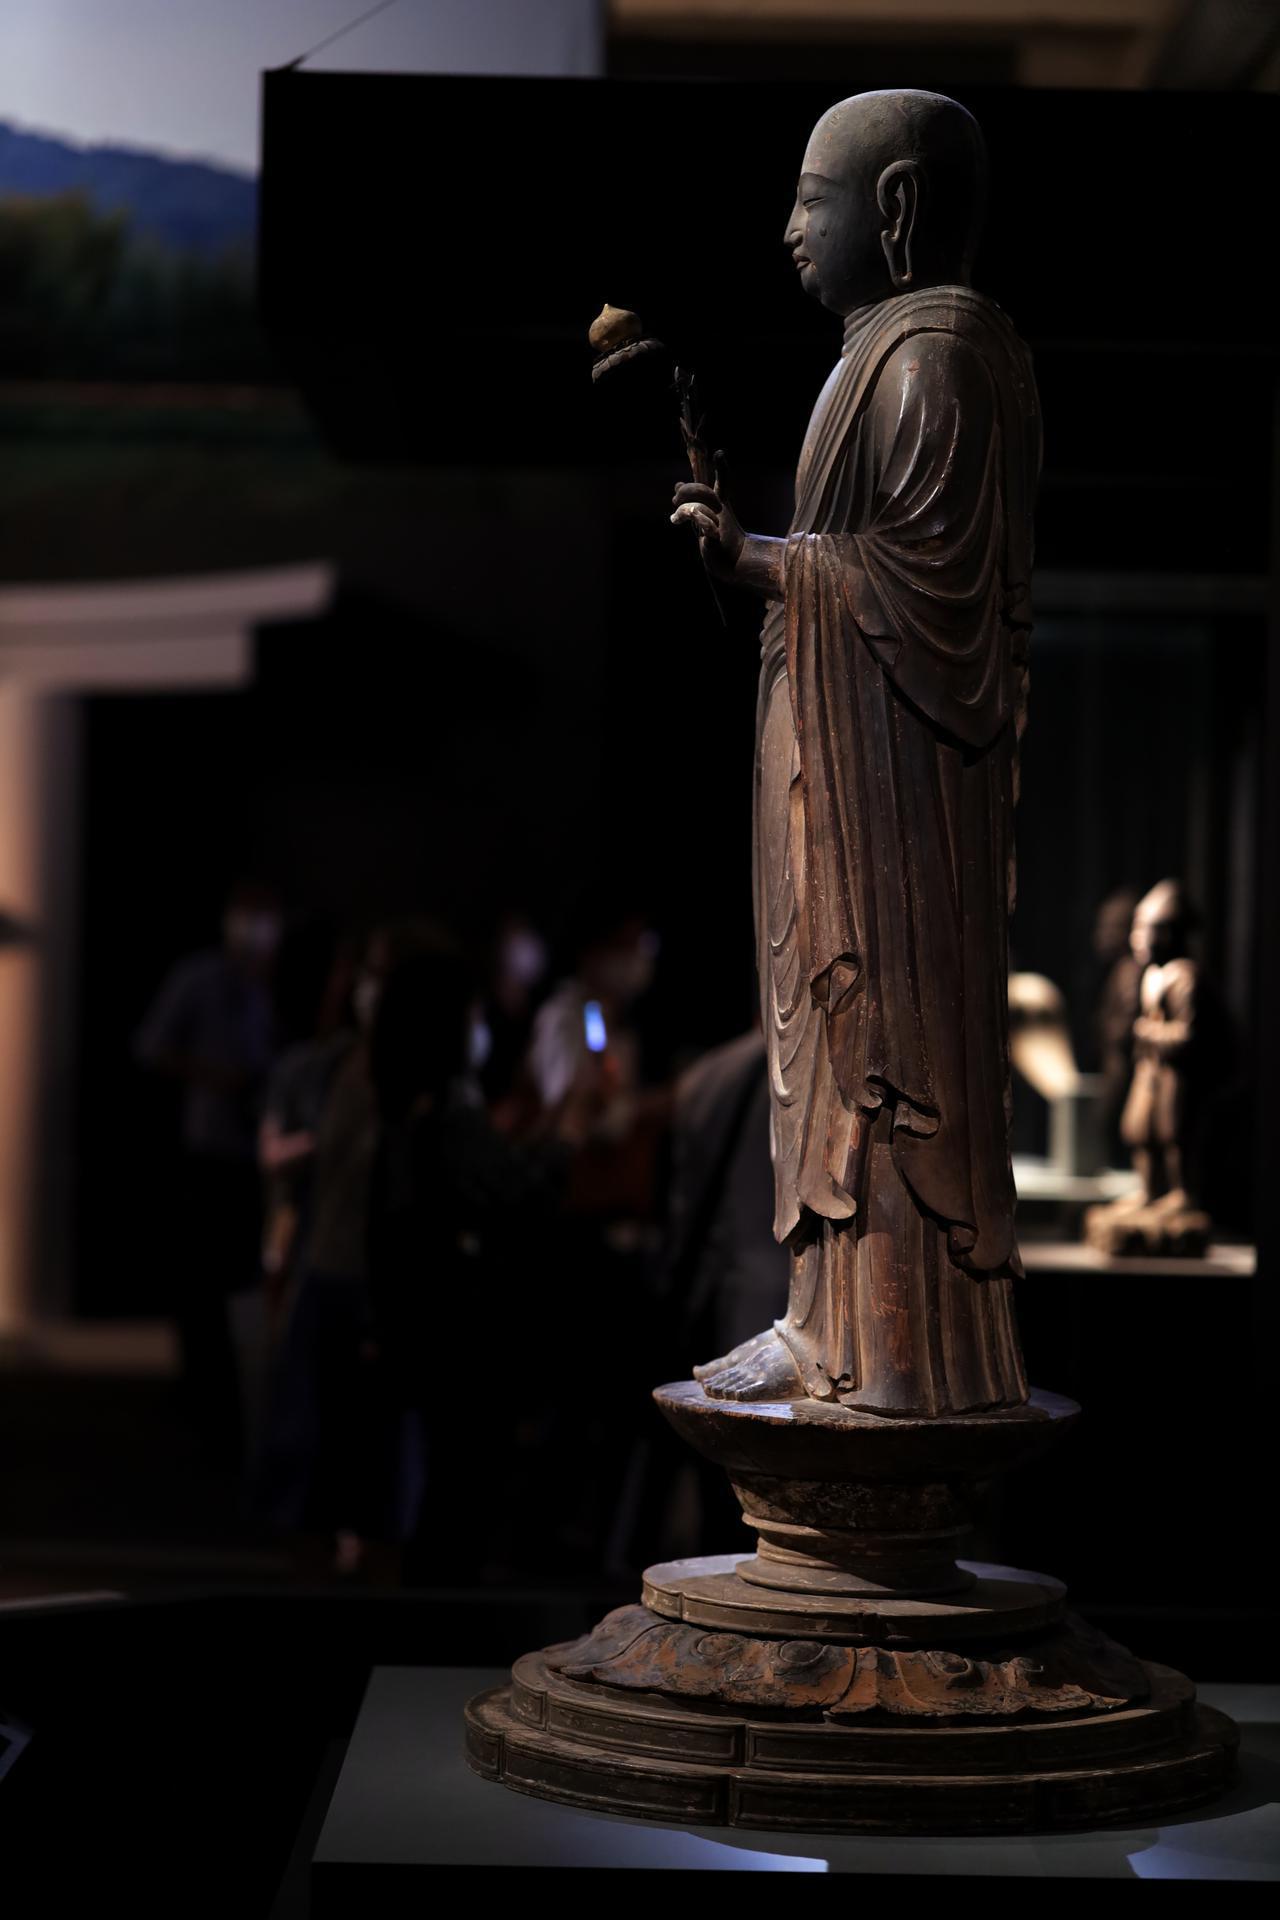 画像: 国宝 地蔵菩薩立像 平安時代・9世紀 奈良・法隆寺蔵 台座の最下部の返り花の部分以外が同じ太さの一本の材木から彫り出されていることが、体の幅と台座の直径からも見て取れる。